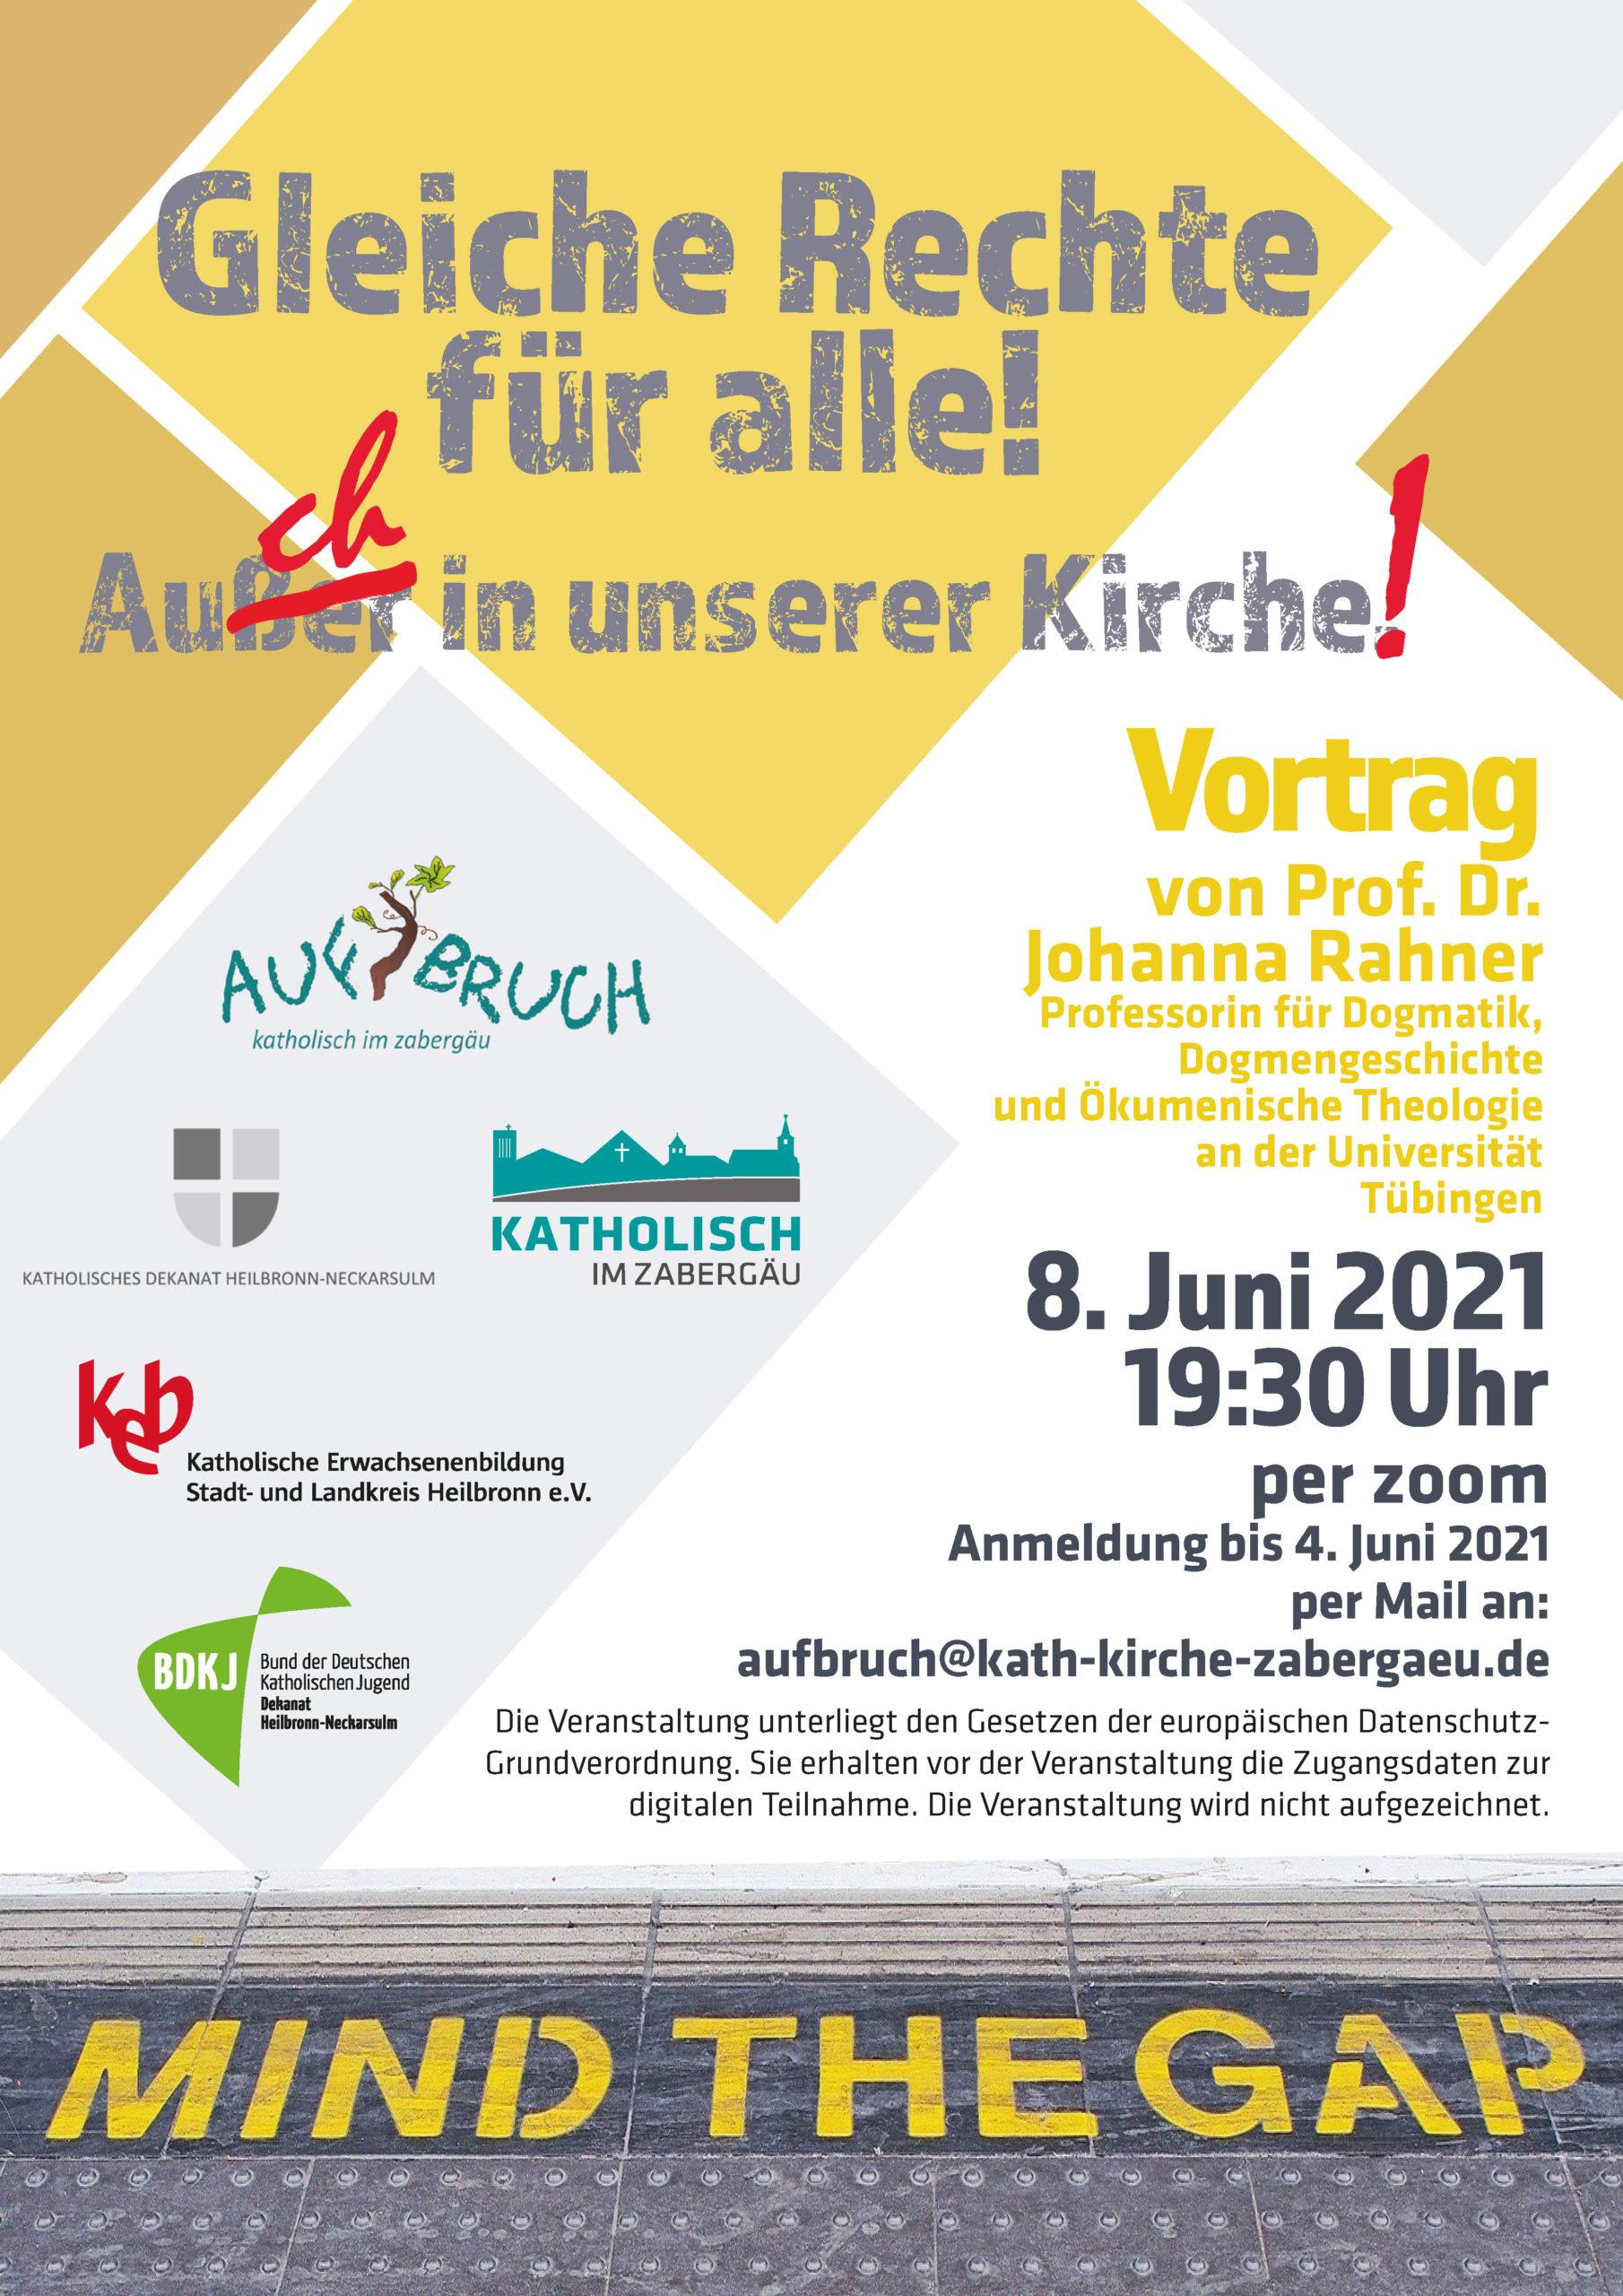 Vortrag von Prof. Dr. Johanna Rahner, Professorin für Dogmatik, Dogmengeschichte und Ökumenische Theologie an der Universität Tübingen, am 8. Juni 2021 um 19:30Uhr per Zoom. Eine Anmeldung ist bis zum 04. Juni 2021 ist per Mail an aufbruch@kath-kirche-zabergaeu.de erforderlich.